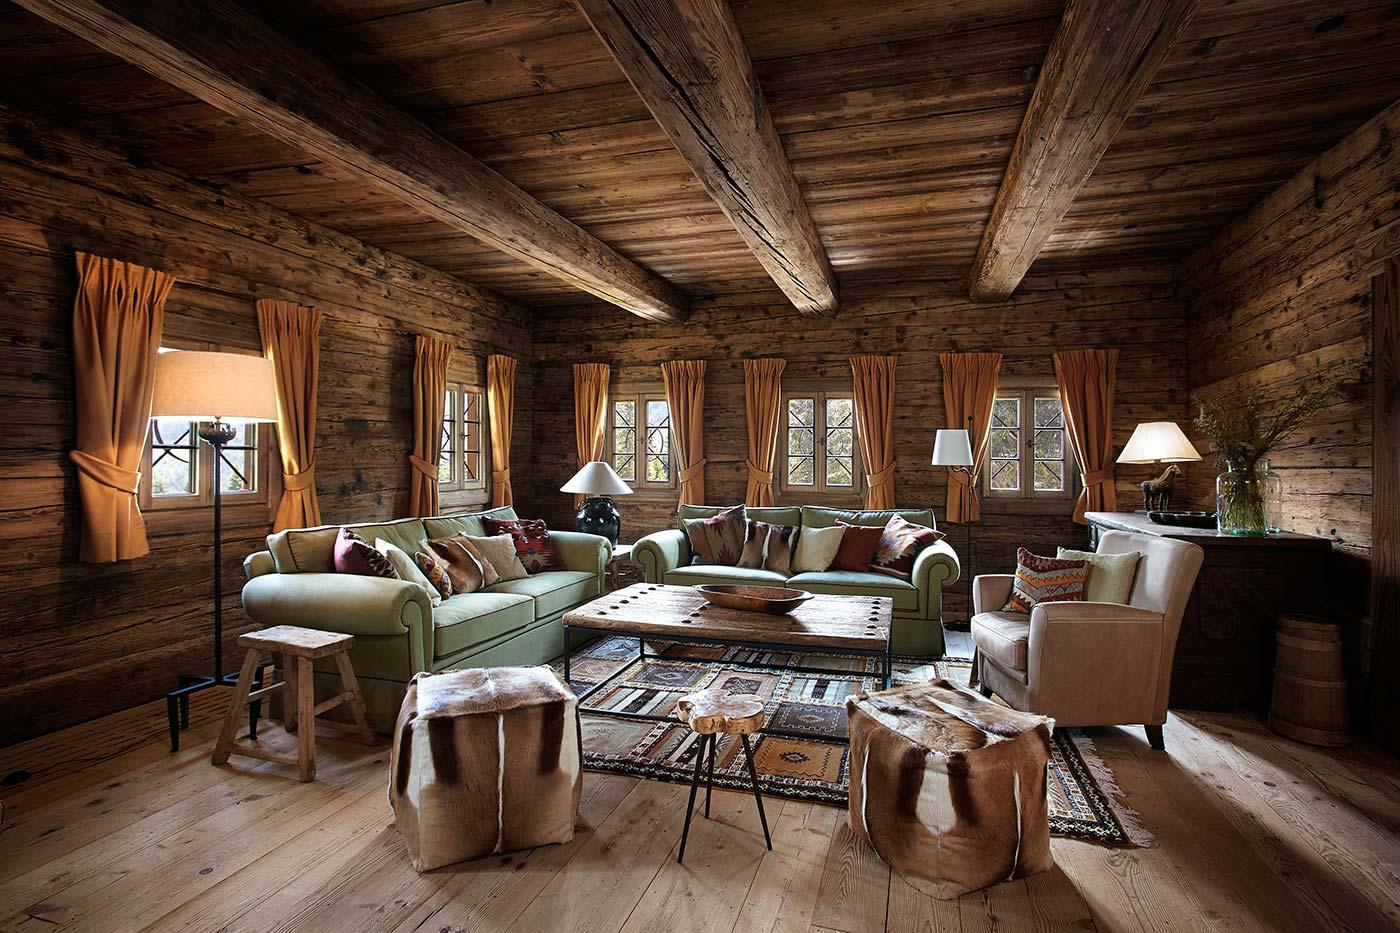 Ein Bezauberndes Bauernhaus Wo Sich Jeder Zu Hause Fuhlt Fresh Ideen Fur Das Interieur Dekoration Und Landschaft